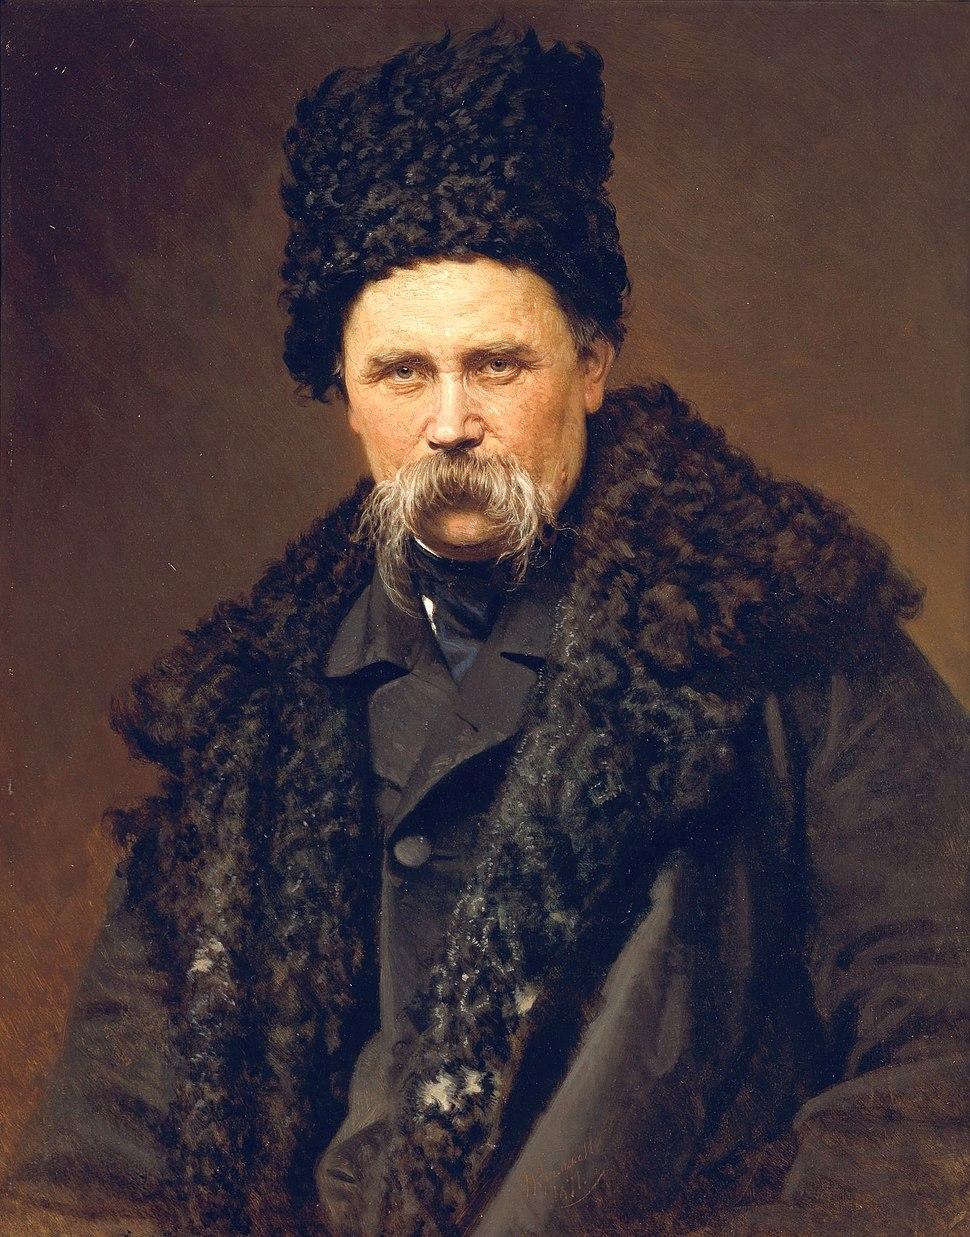 Taras Shevchenko - portrait by Ivan Kramskoi